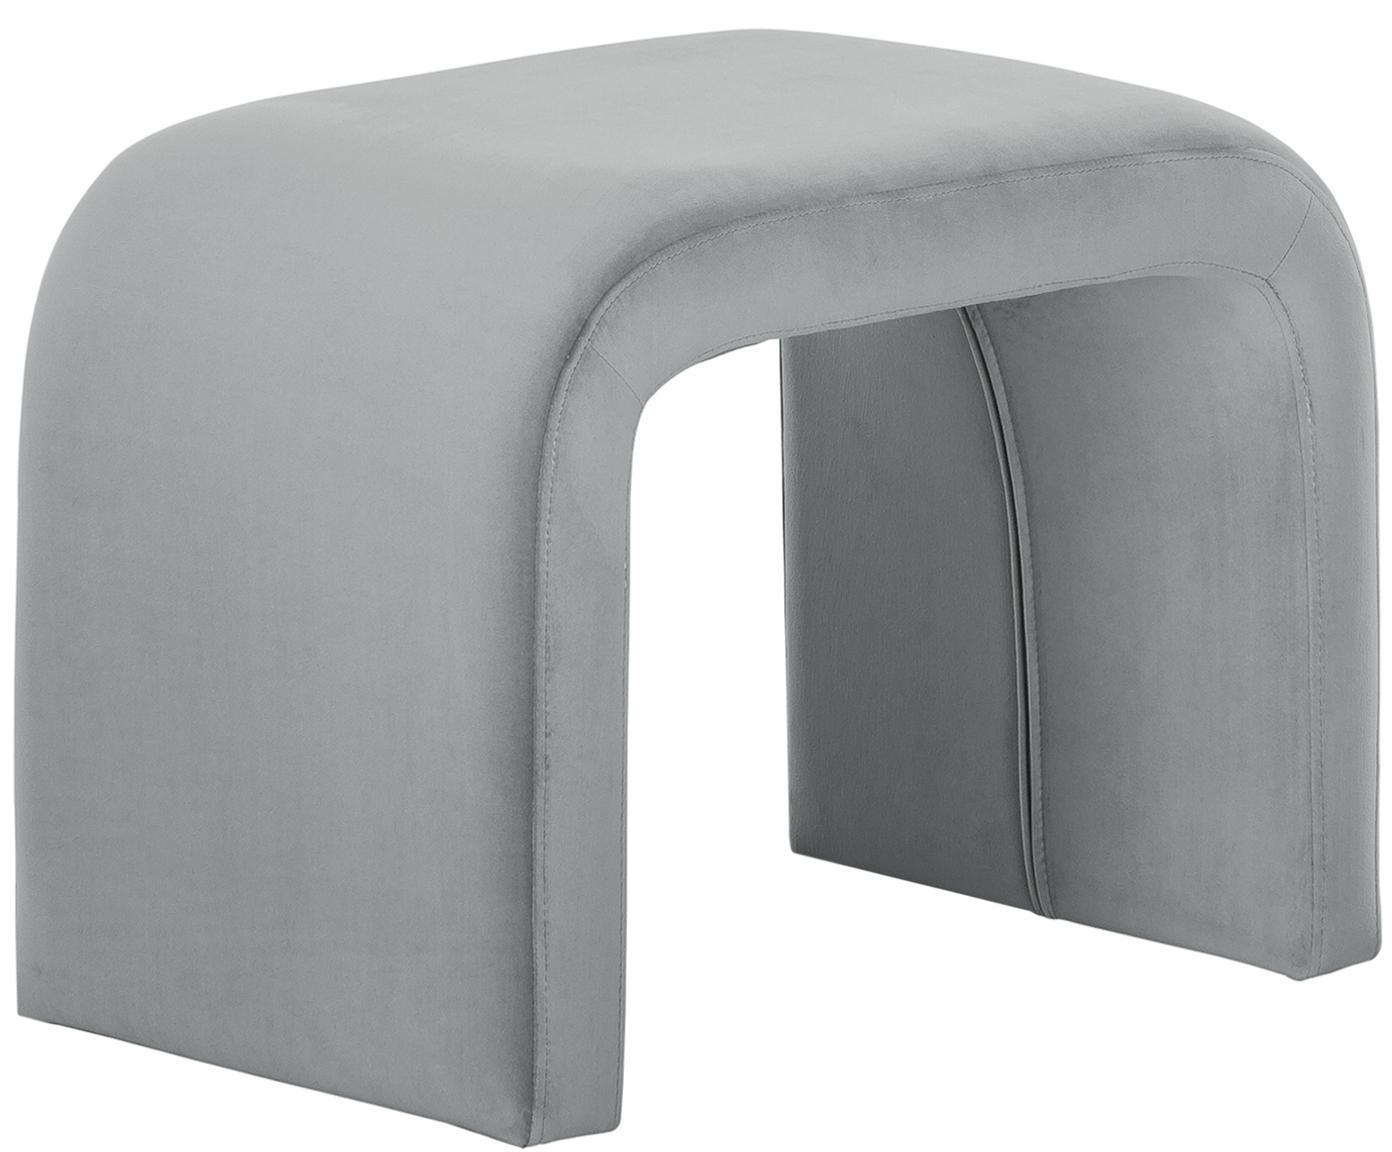 Sgabello in velluto grigio Penelope, Rivestimento: velluto (poliestere) 25.0, Struttura: metallo, truciolato, Grigio, Larg. 61 x Alt. 46 cm